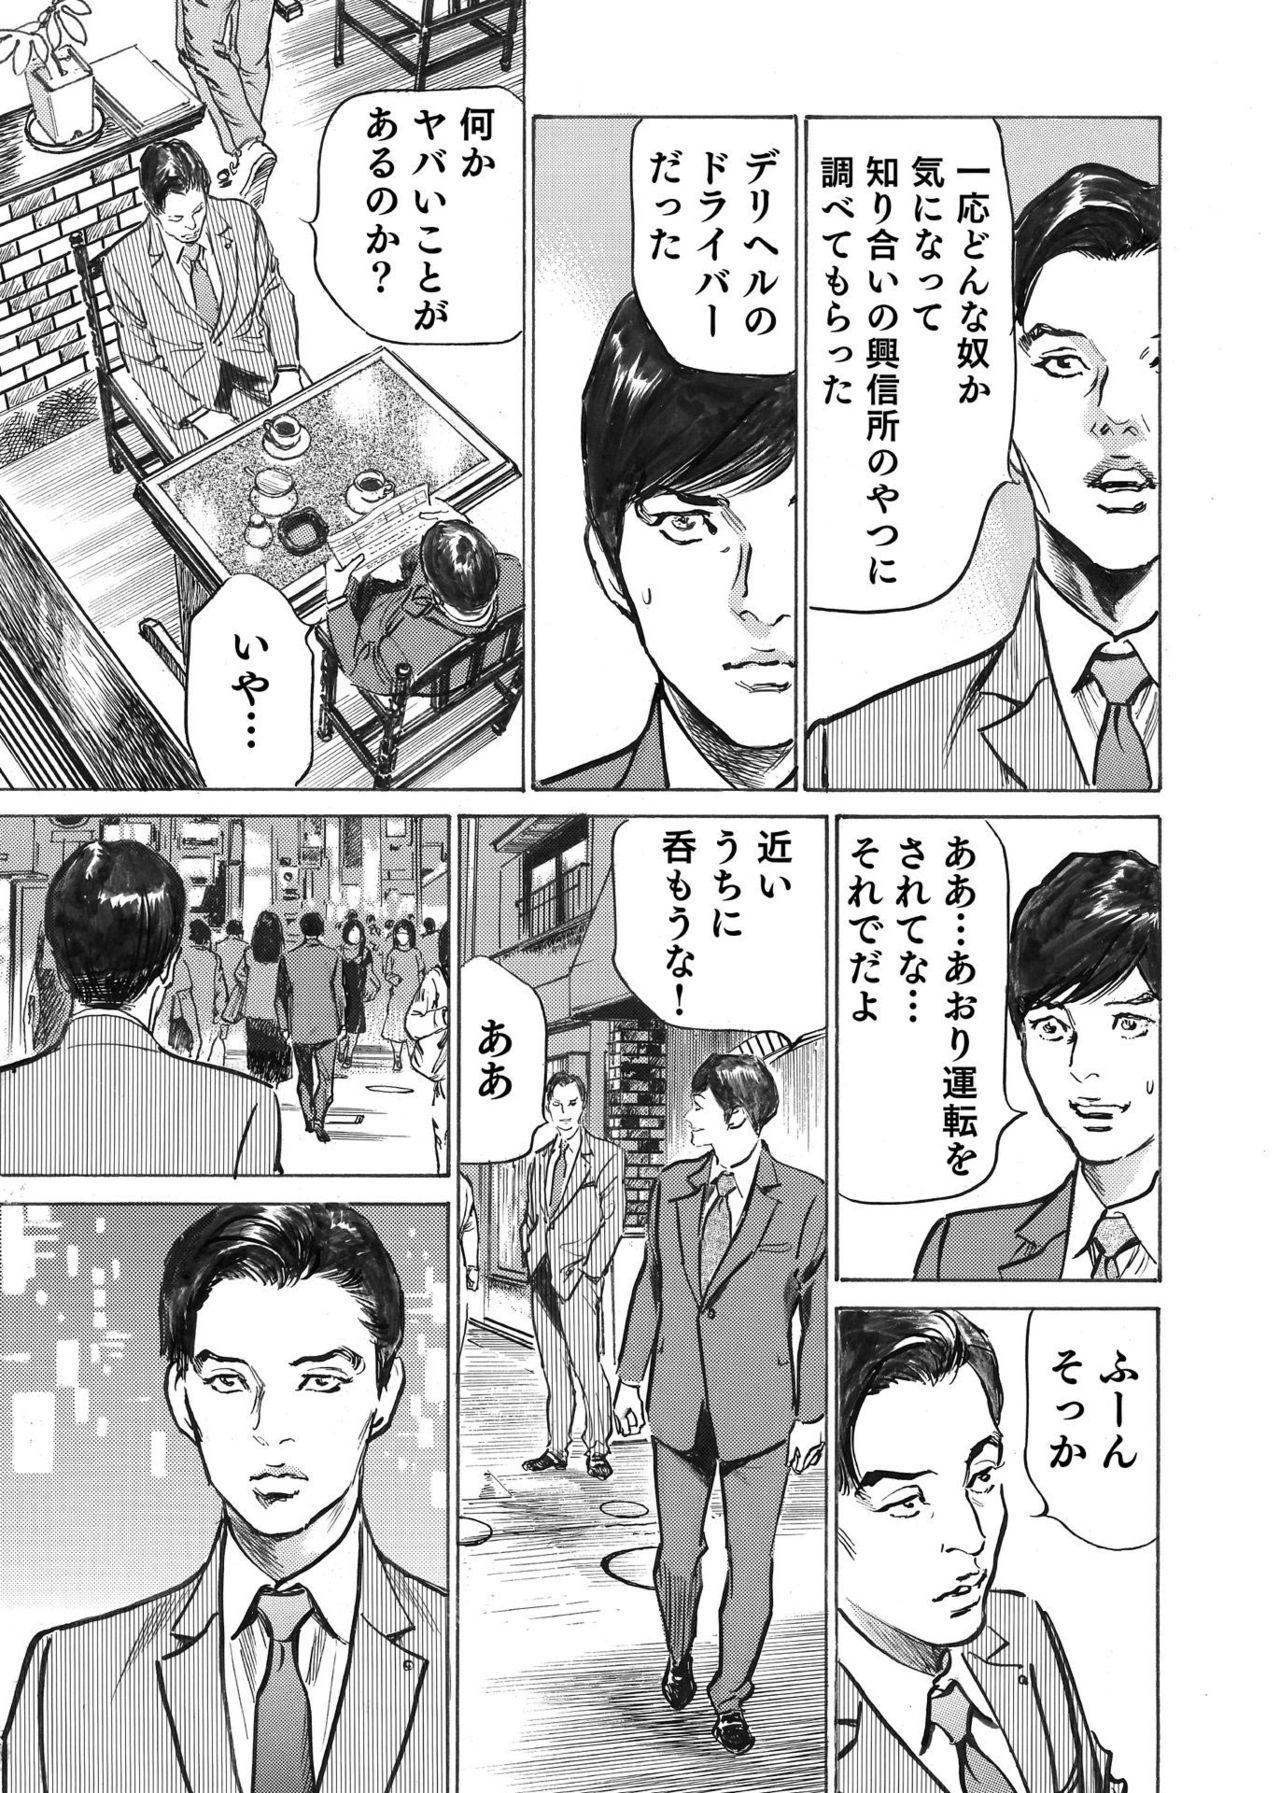 Ore wa Tsuma no Koto o Yoku Shiranai 1-9 151